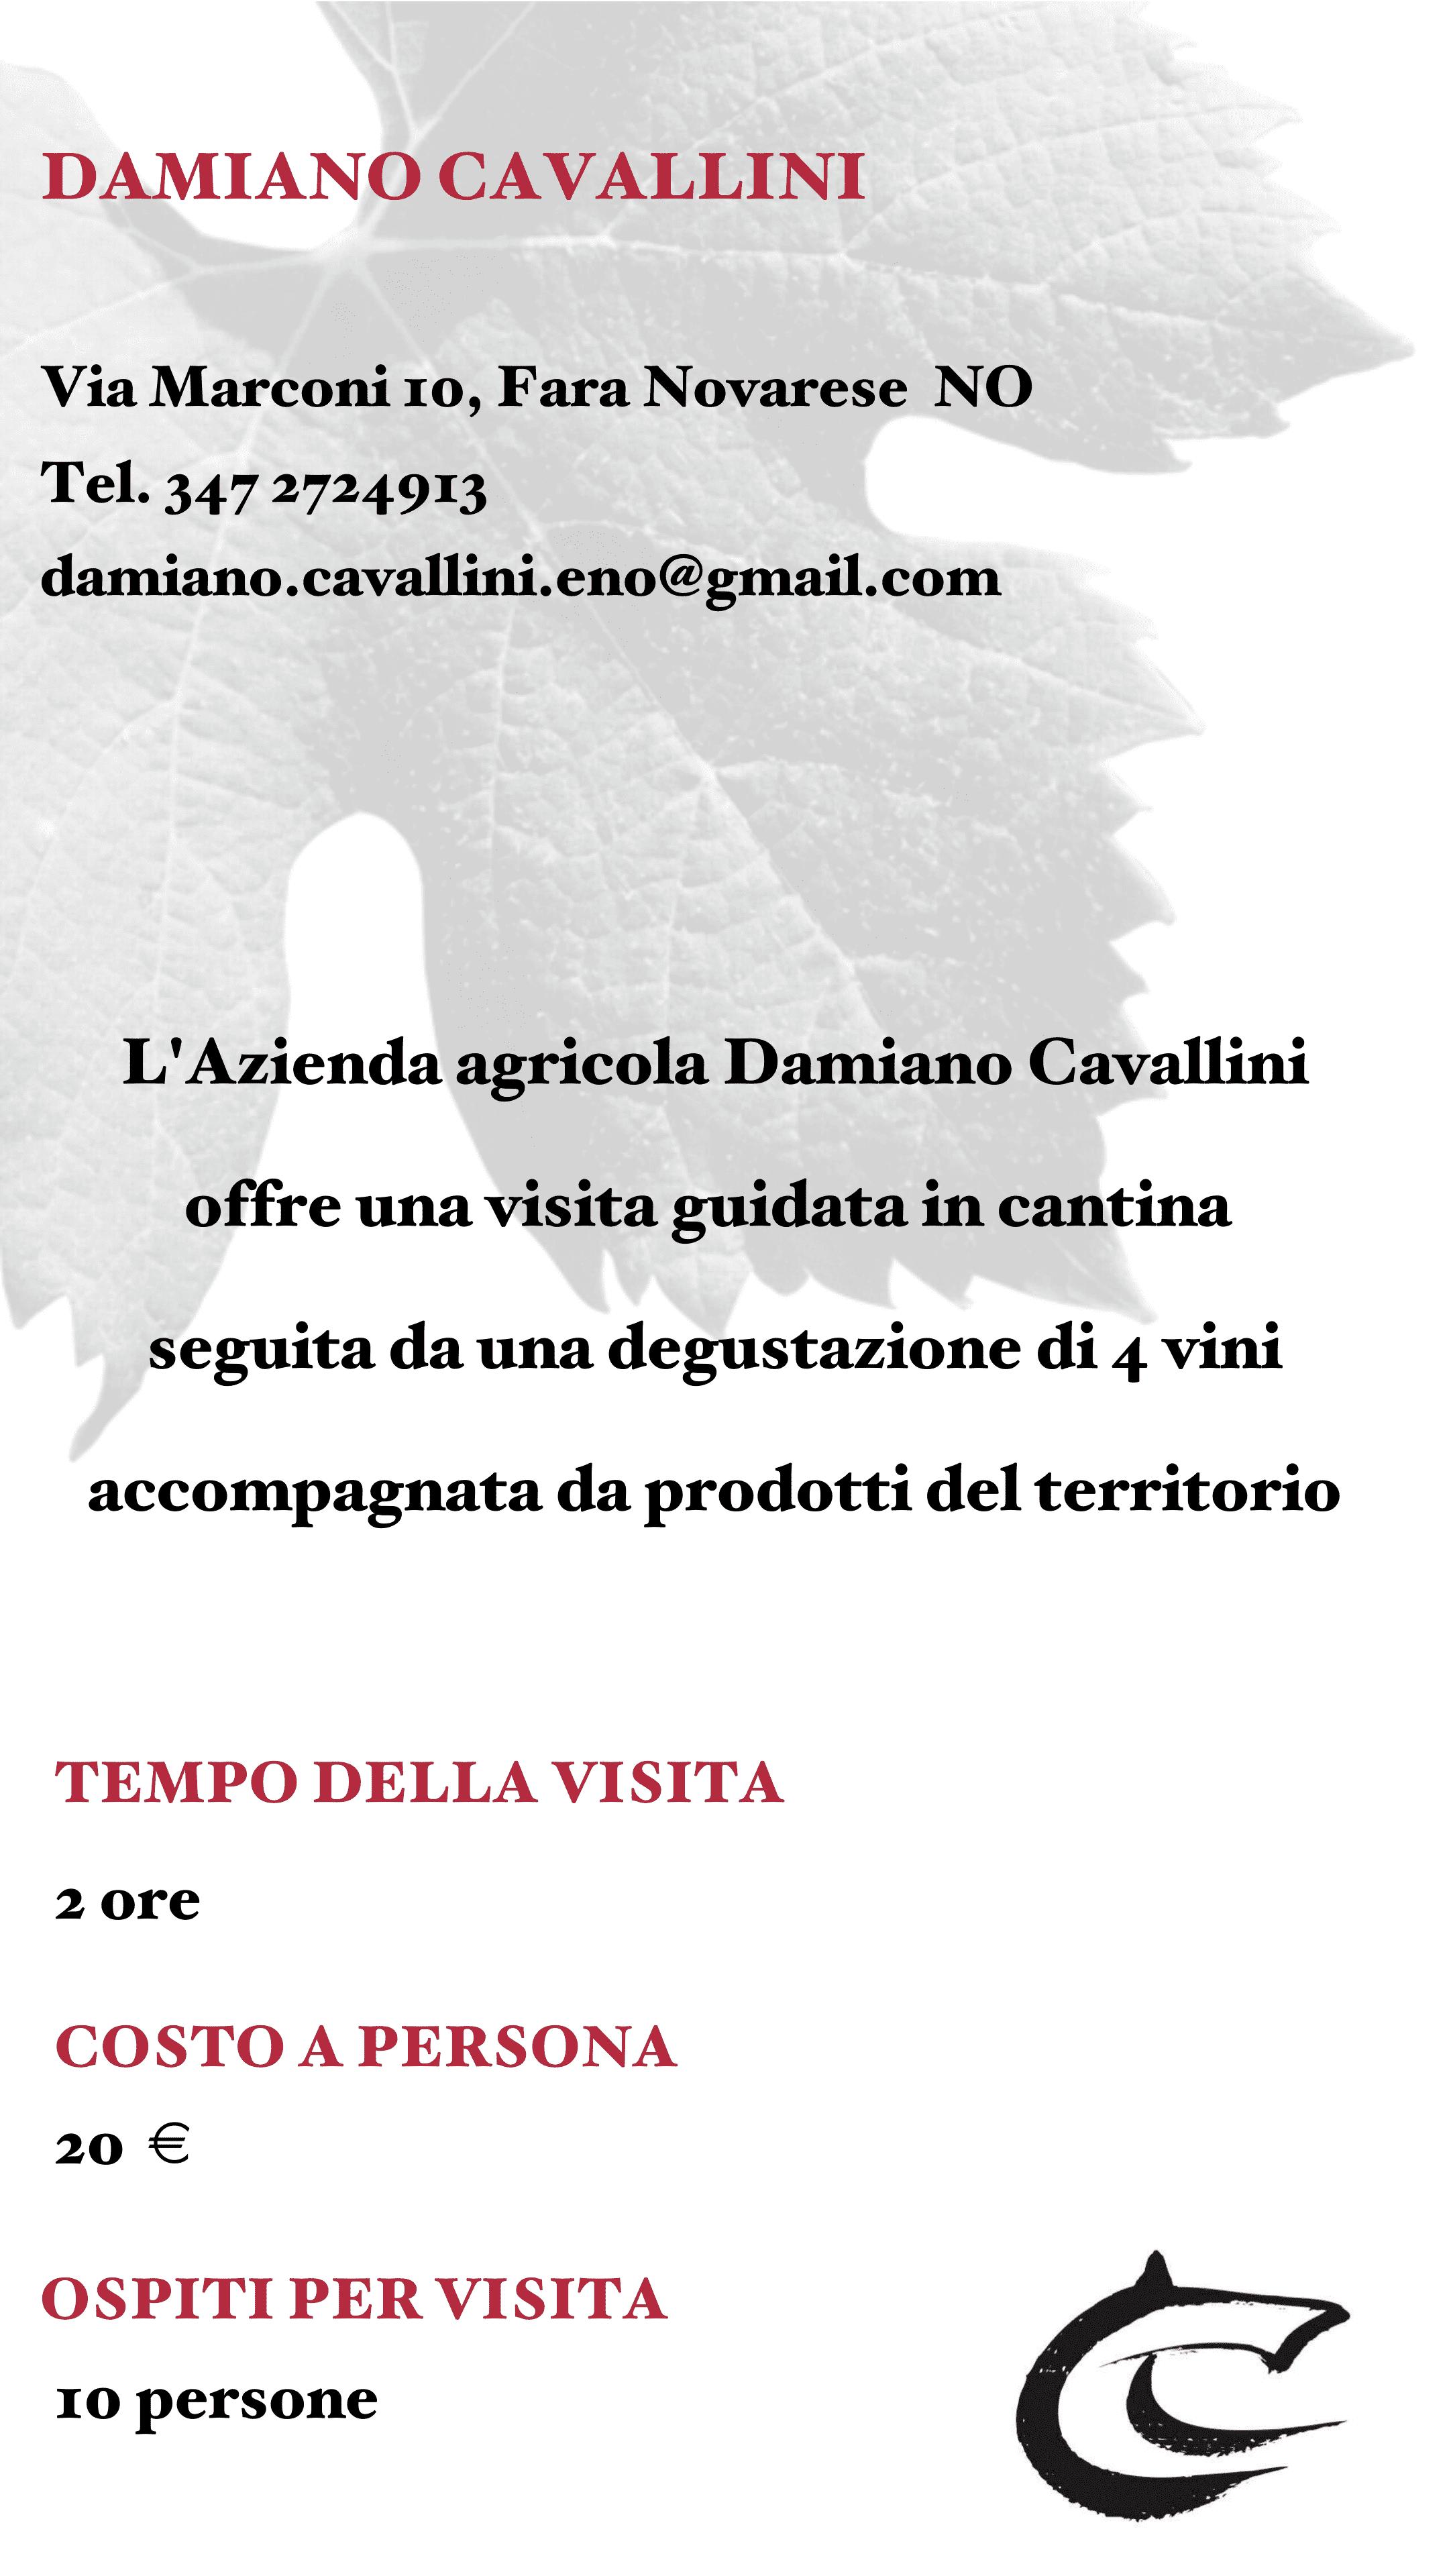 Damiano Cavallini